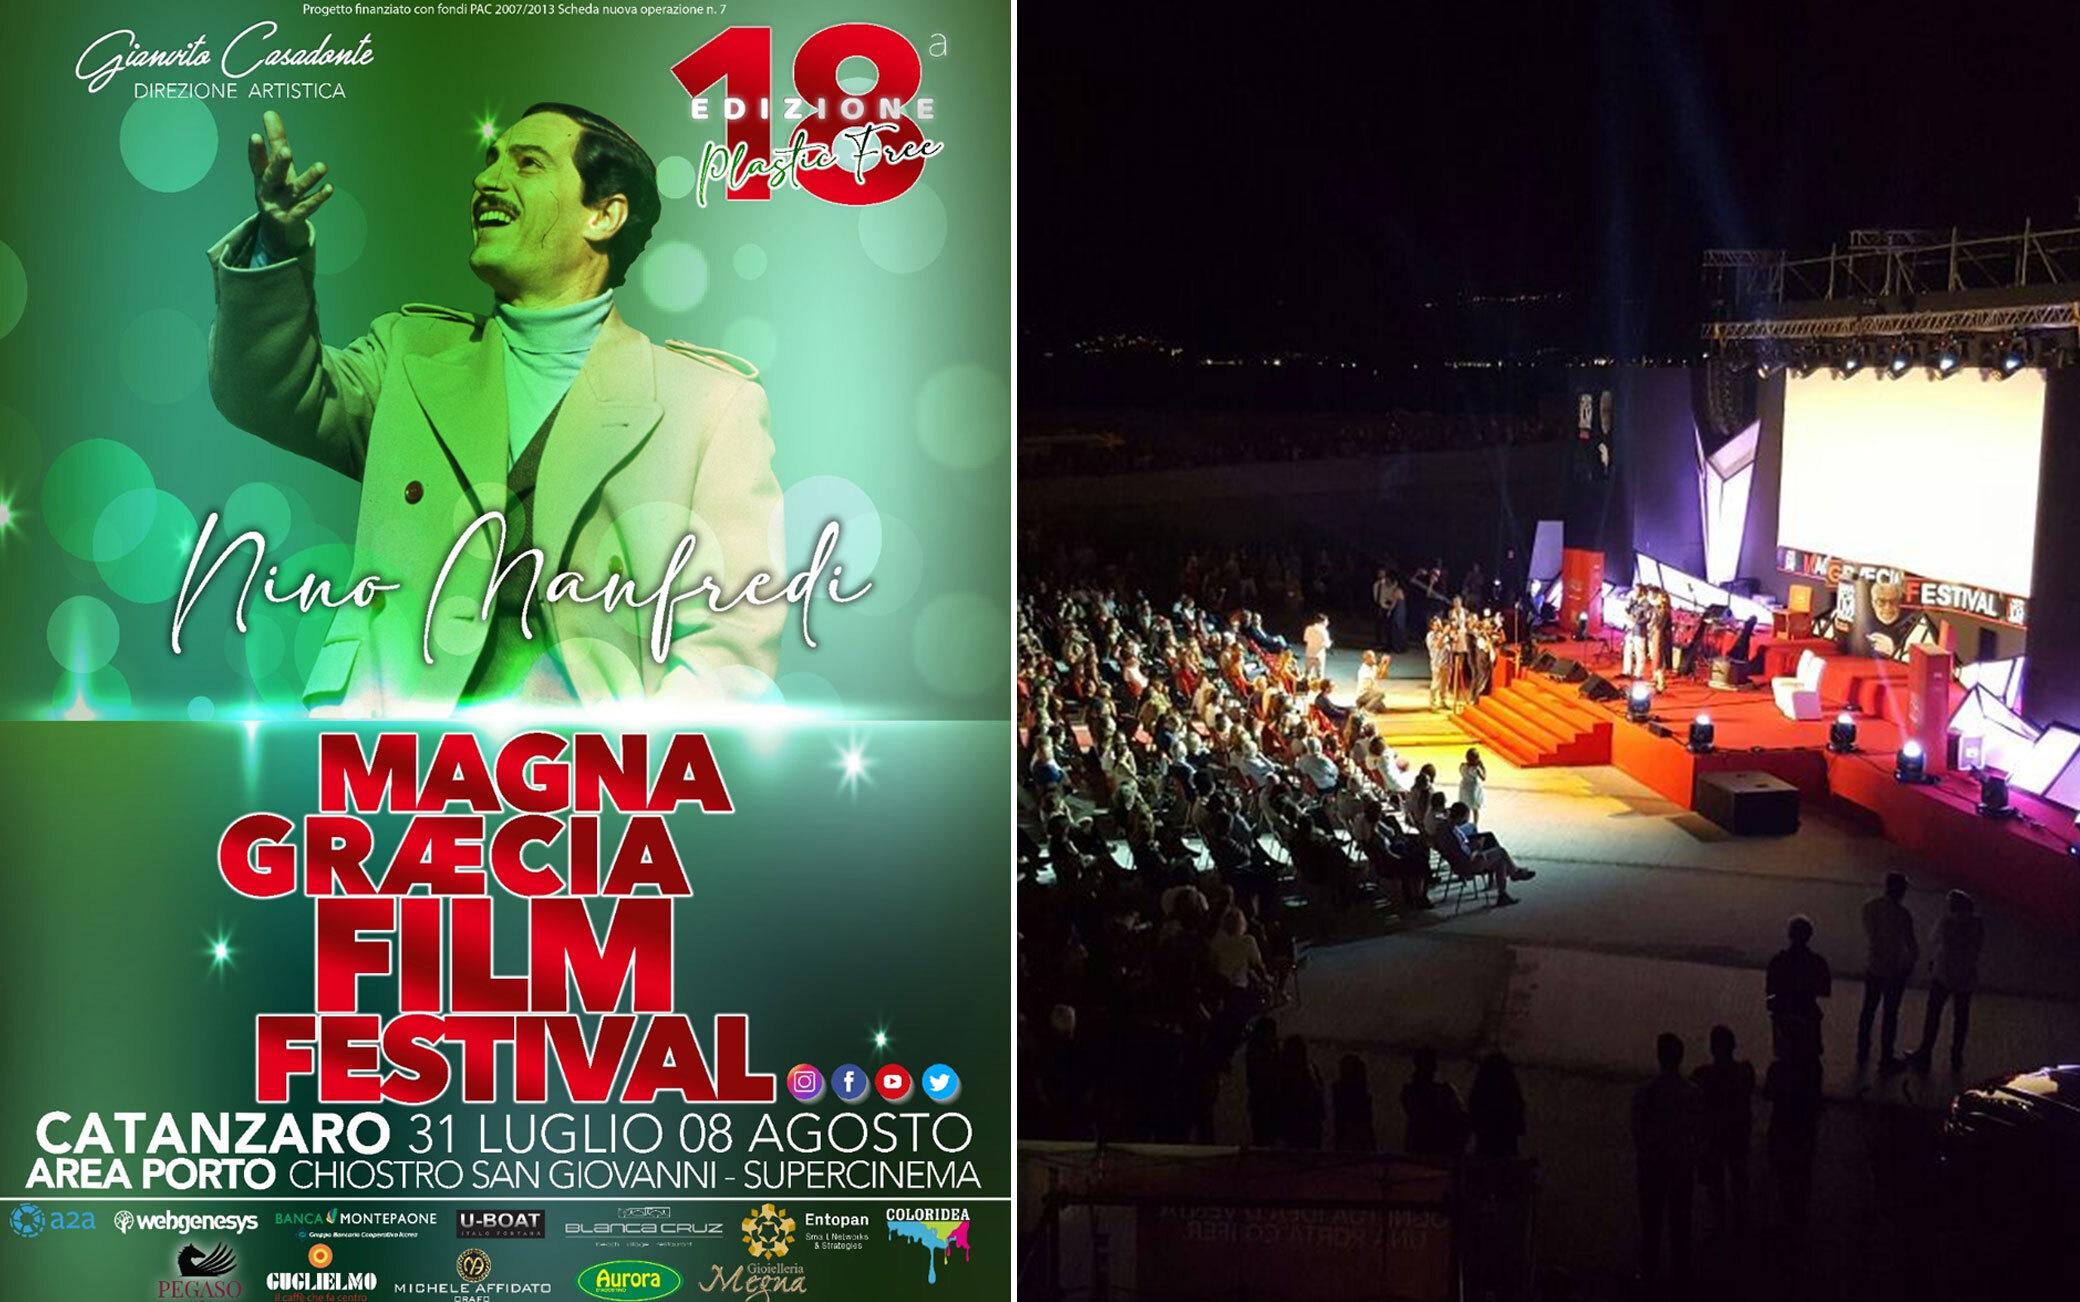 Magna Graecia Film Festival al via la 18esima edizione